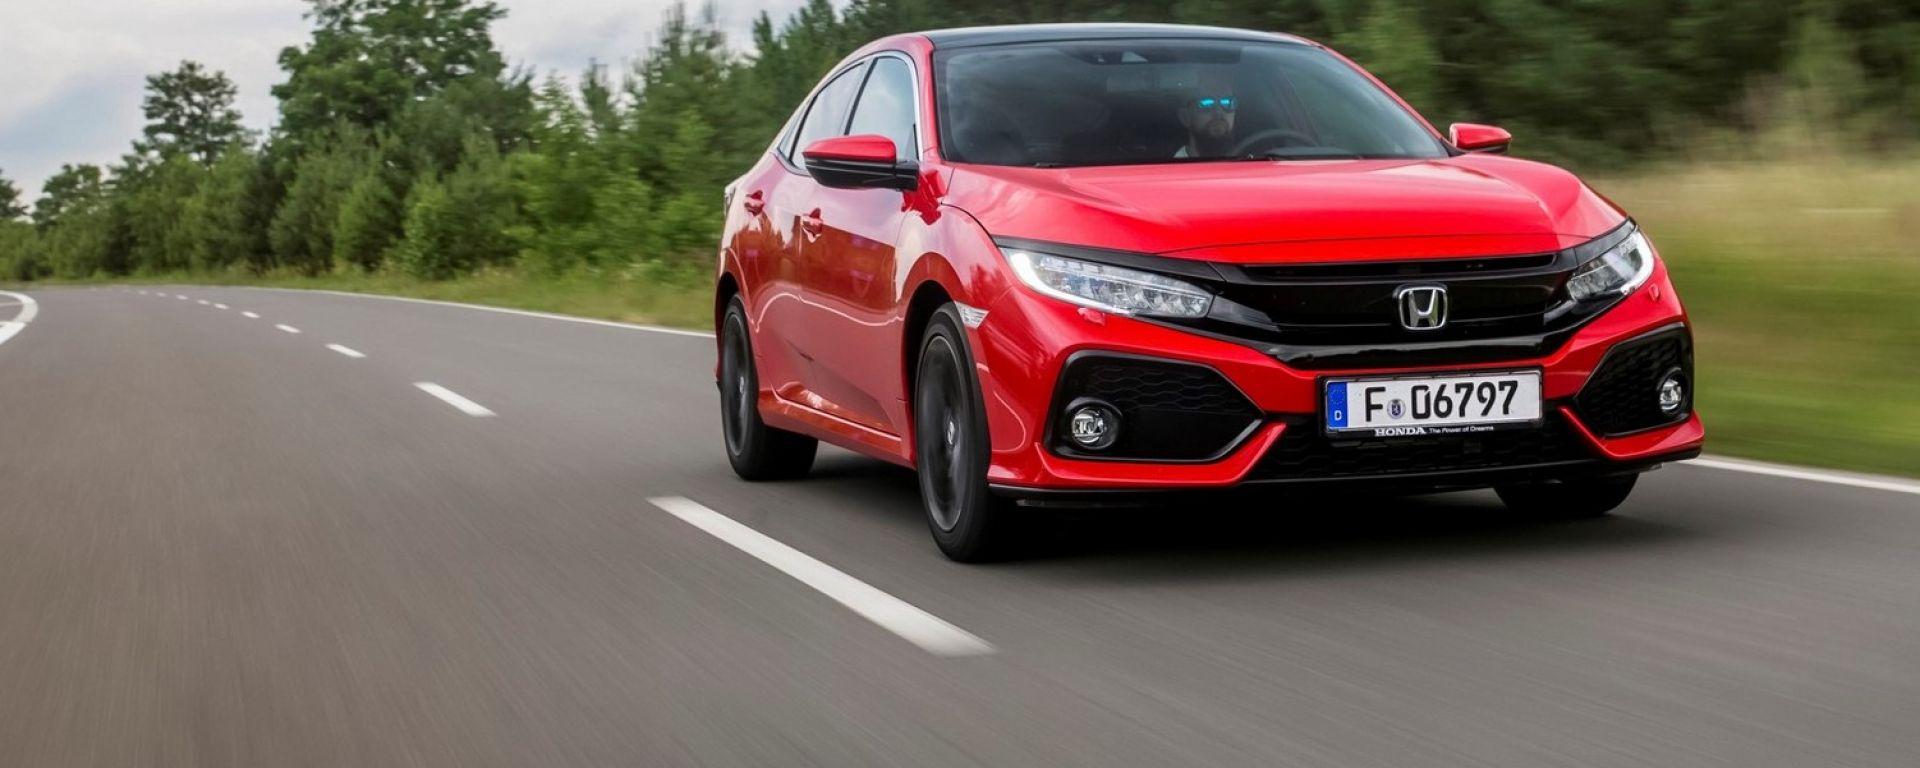 Honda Civic 1.6 i-DTEC: vista frontale